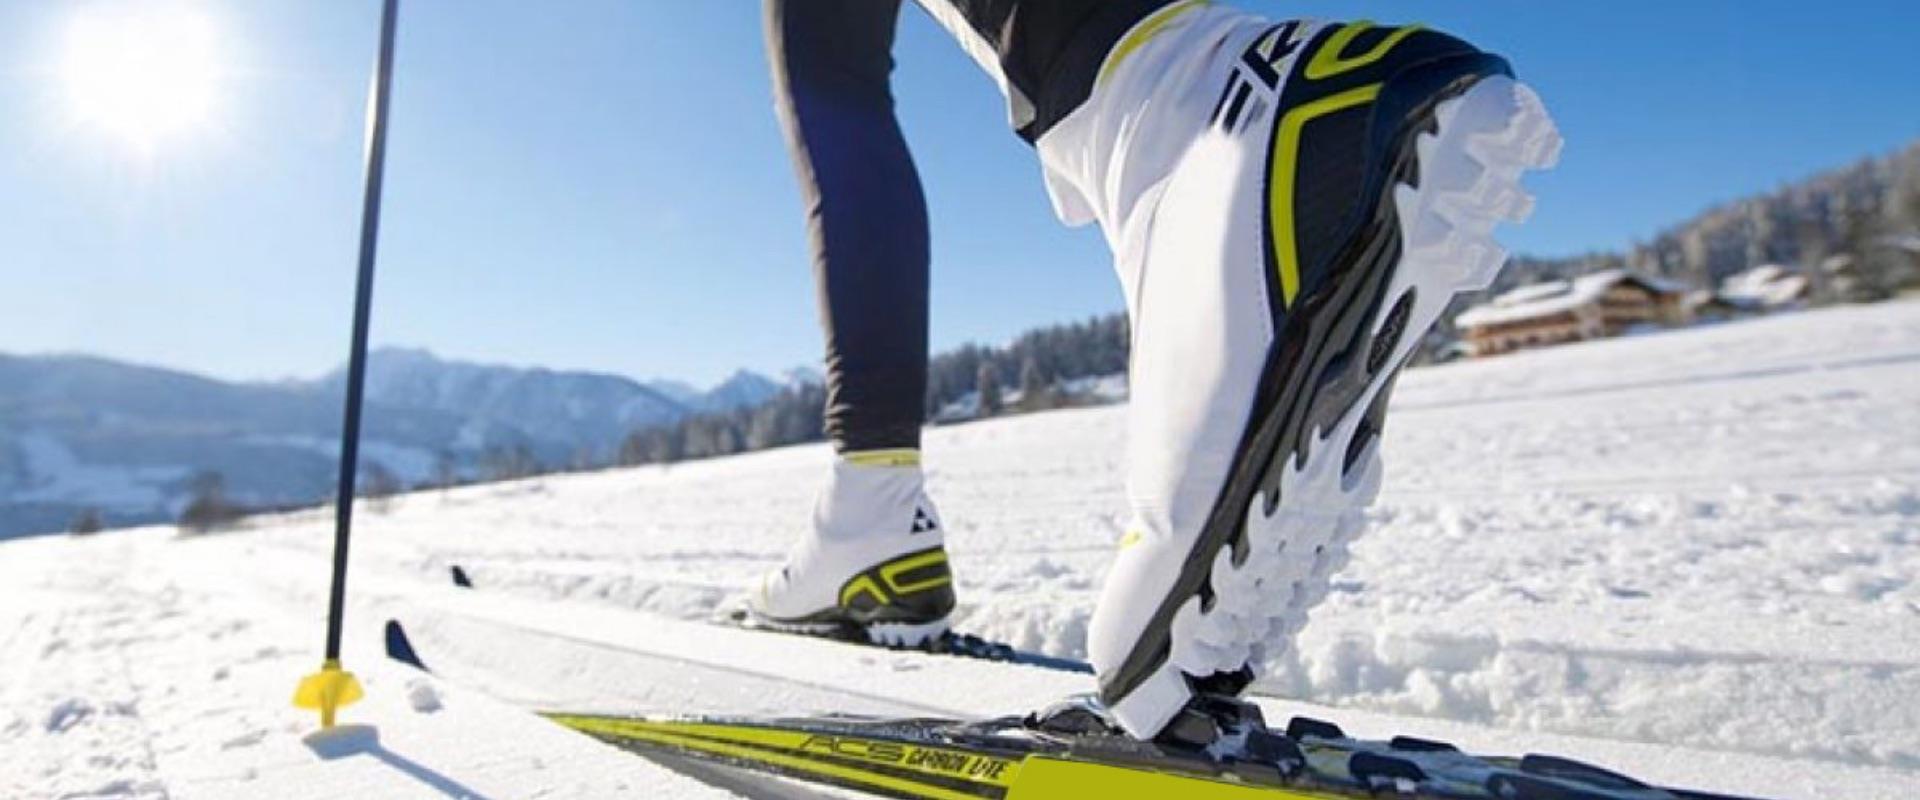 safe-formacion-tecnicos-deportivos-esqui-fondo